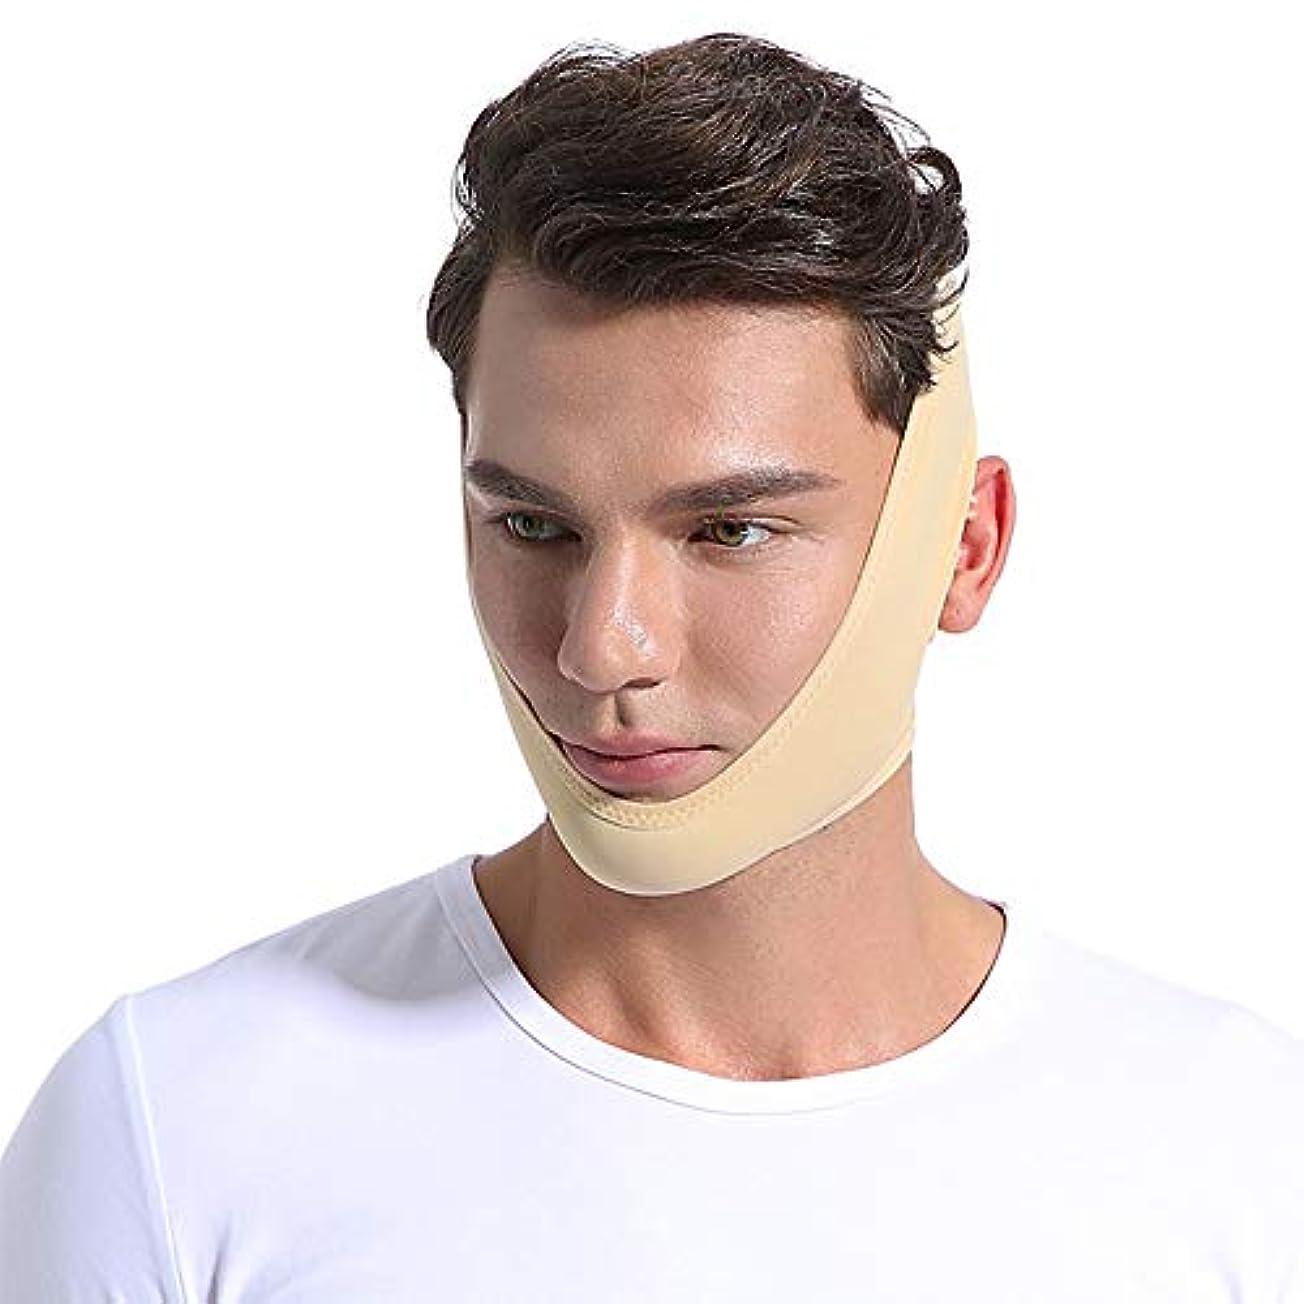 軽安心させる北東おしゃれなフェイスリフトスリミングチークマスク、Vフェイスラインベルト、Vフェイスバンデージベルトストラップフェイスリフトスリミングベルトチンリフトアップフェイススリミングマスク女性用